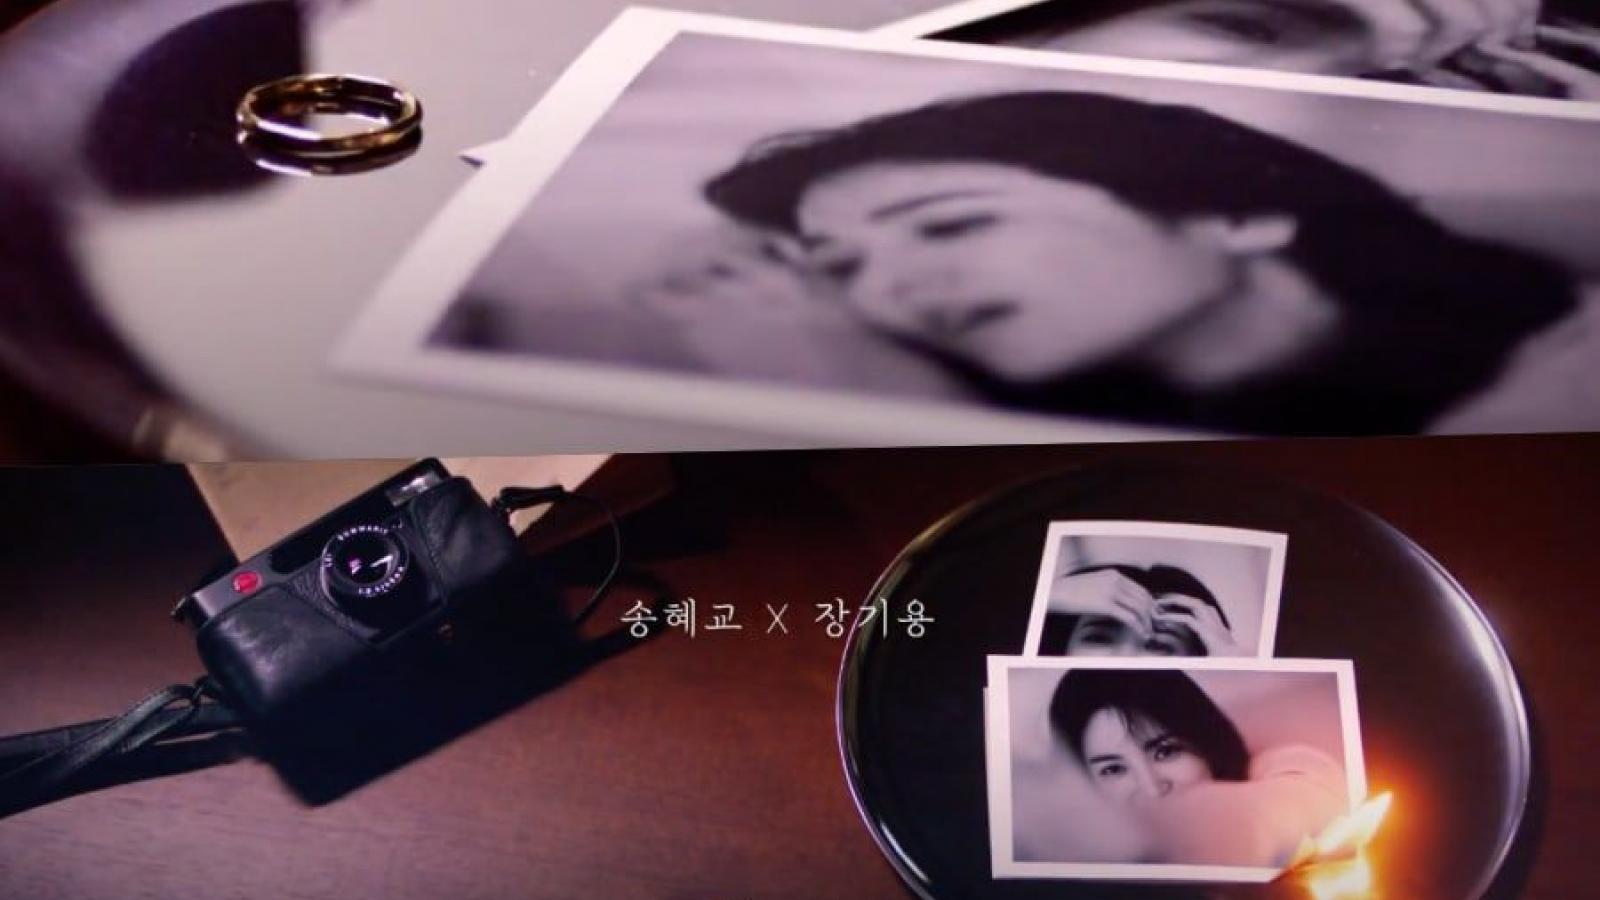 Phim mới của Song Hye Kyo và Jang Ki Yong chính thức tung teaser đầu tiên